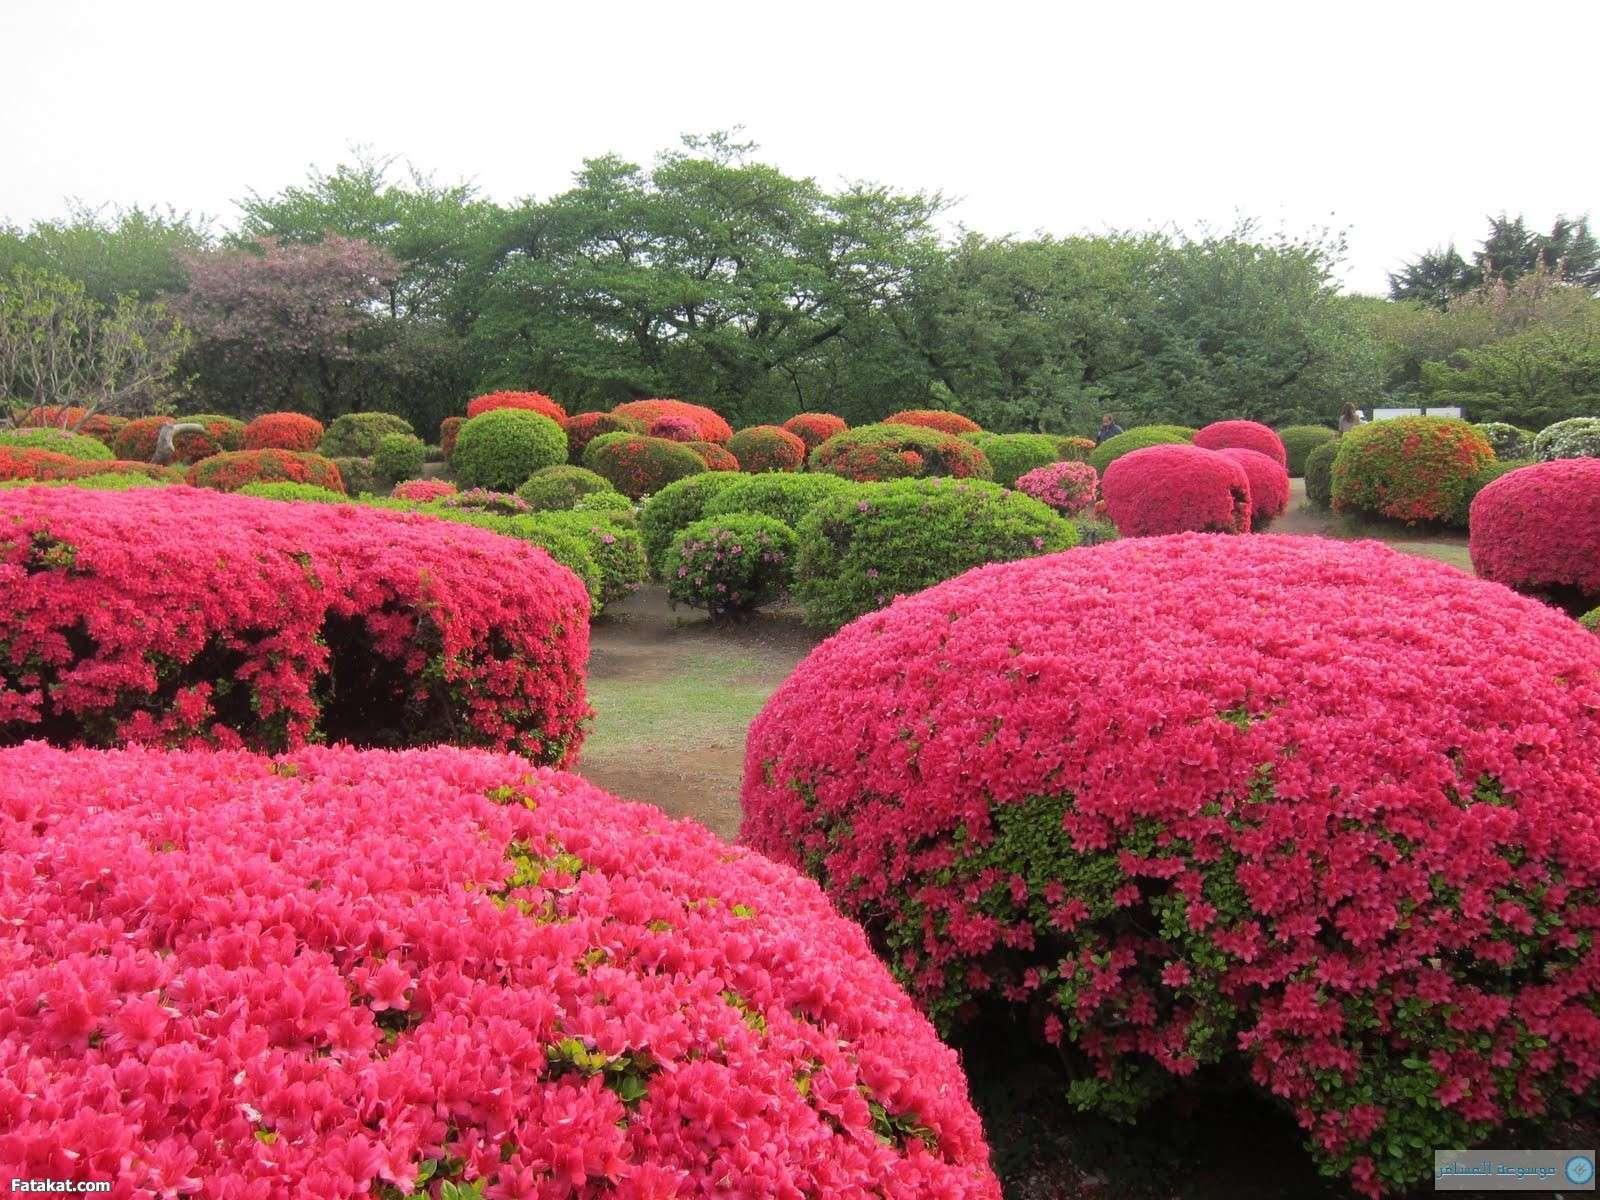 صور ازهار جميله